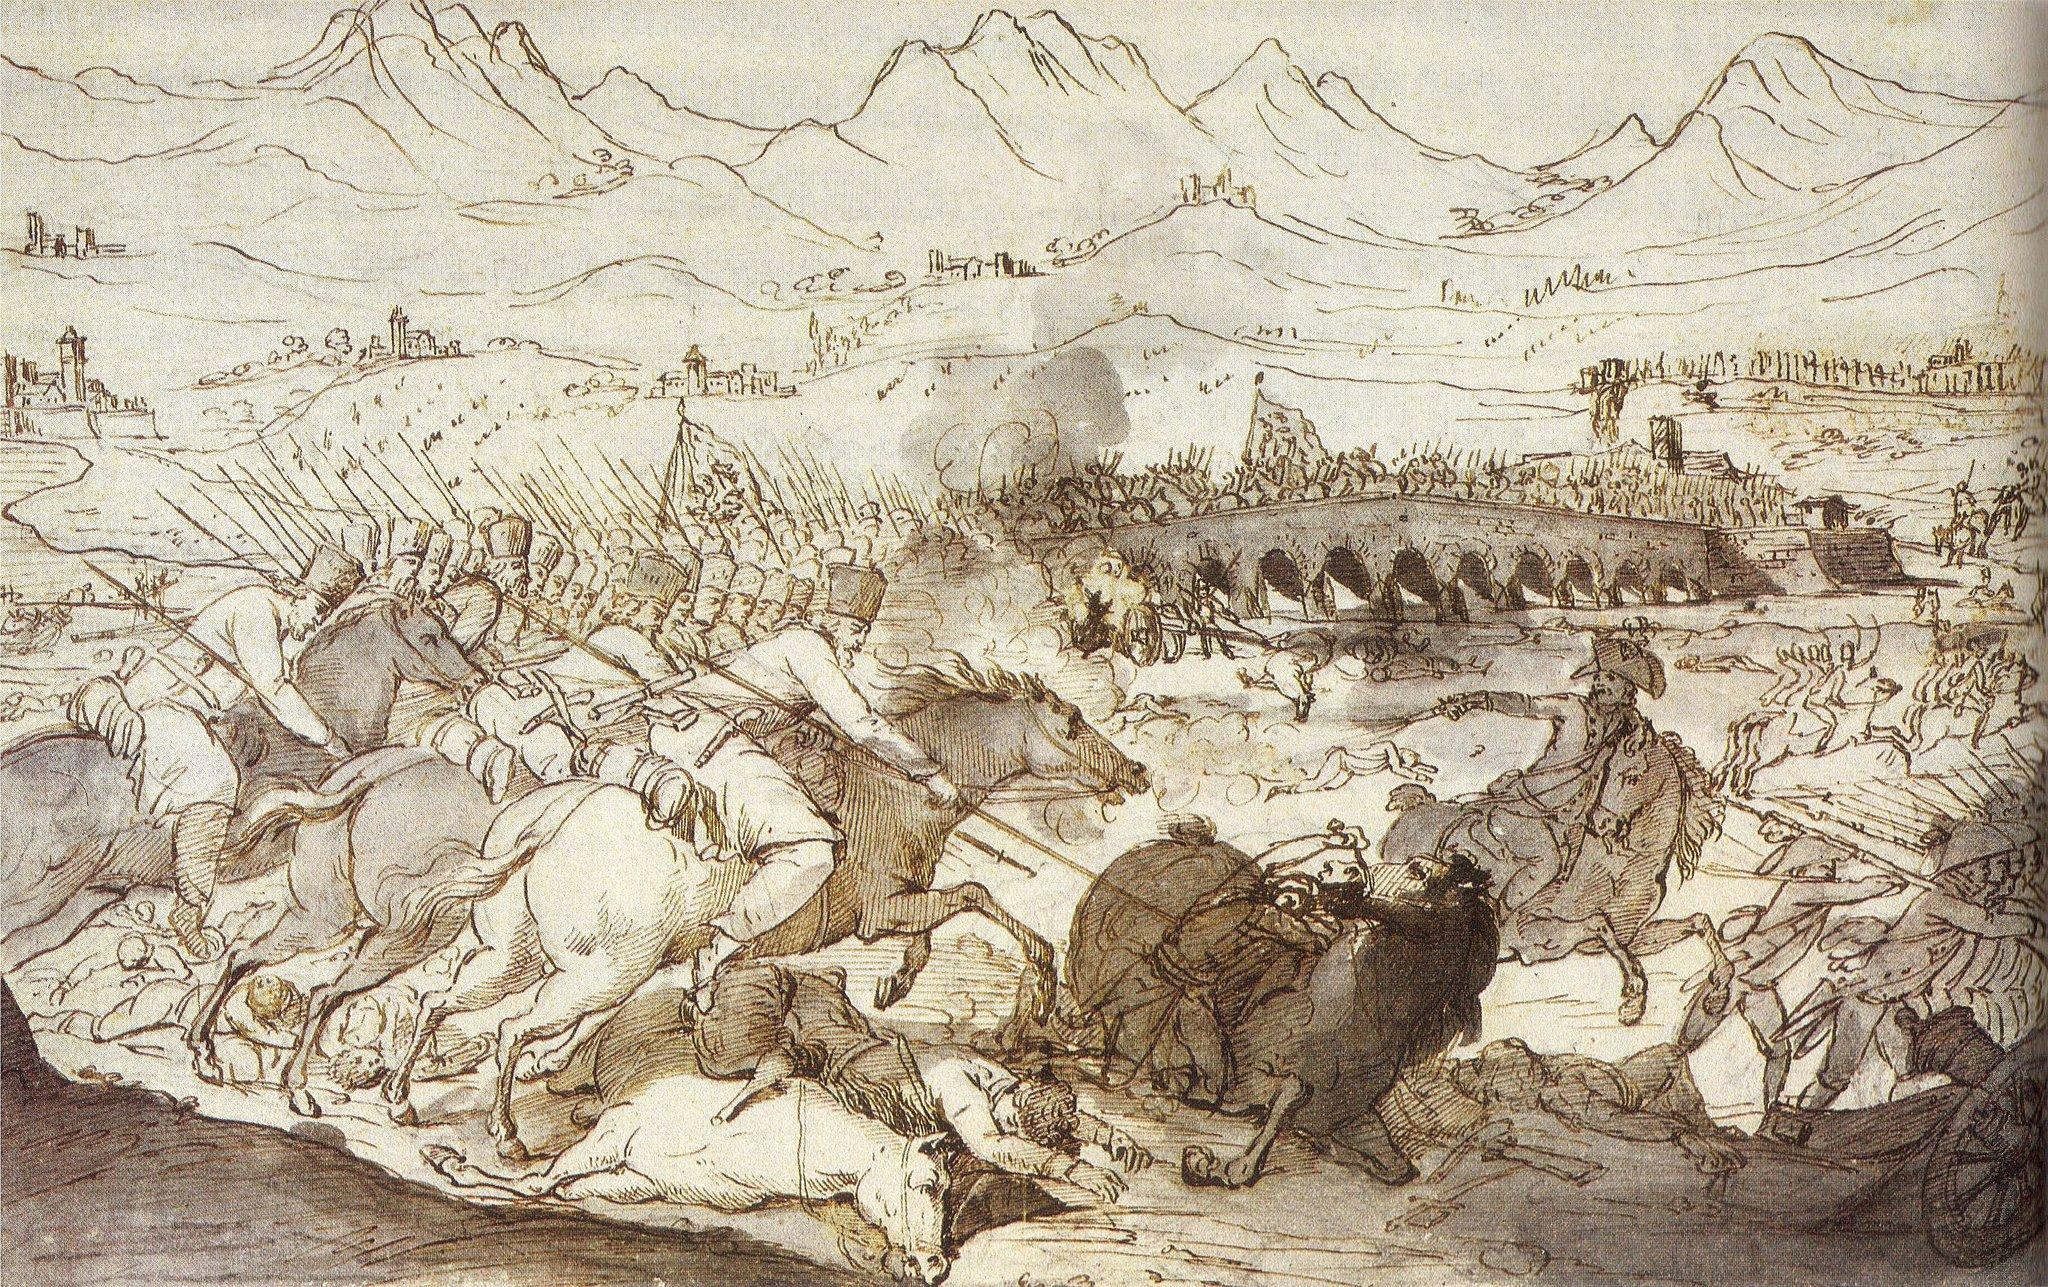 Неизв. художник. Сражение при Треббии 18 июня 1799 года. 1799